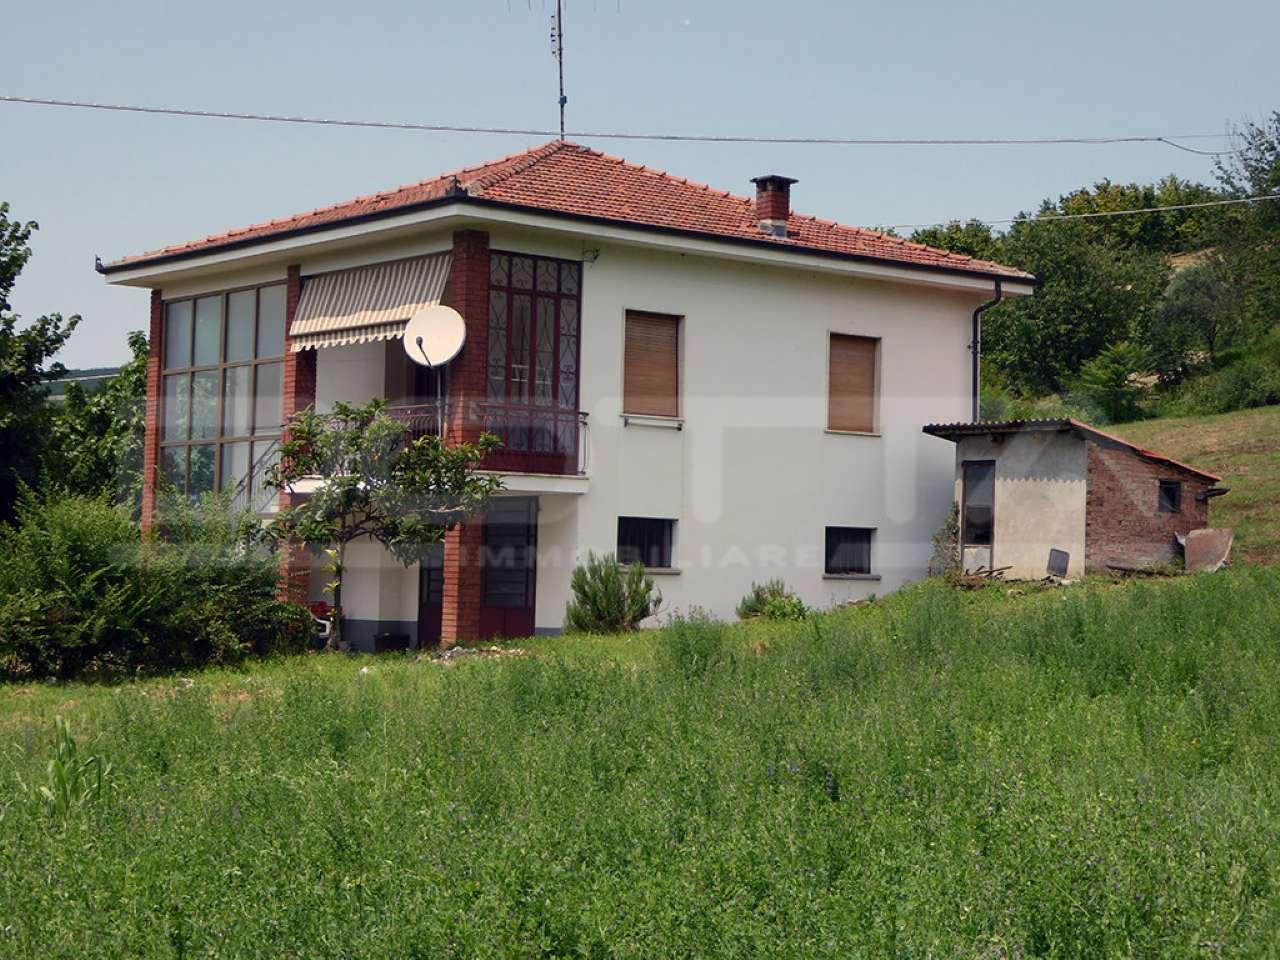 Soluzione Indipendente in vendita a Dogliani, 6 locali, prezzo € 153.000   CambioCasa.it